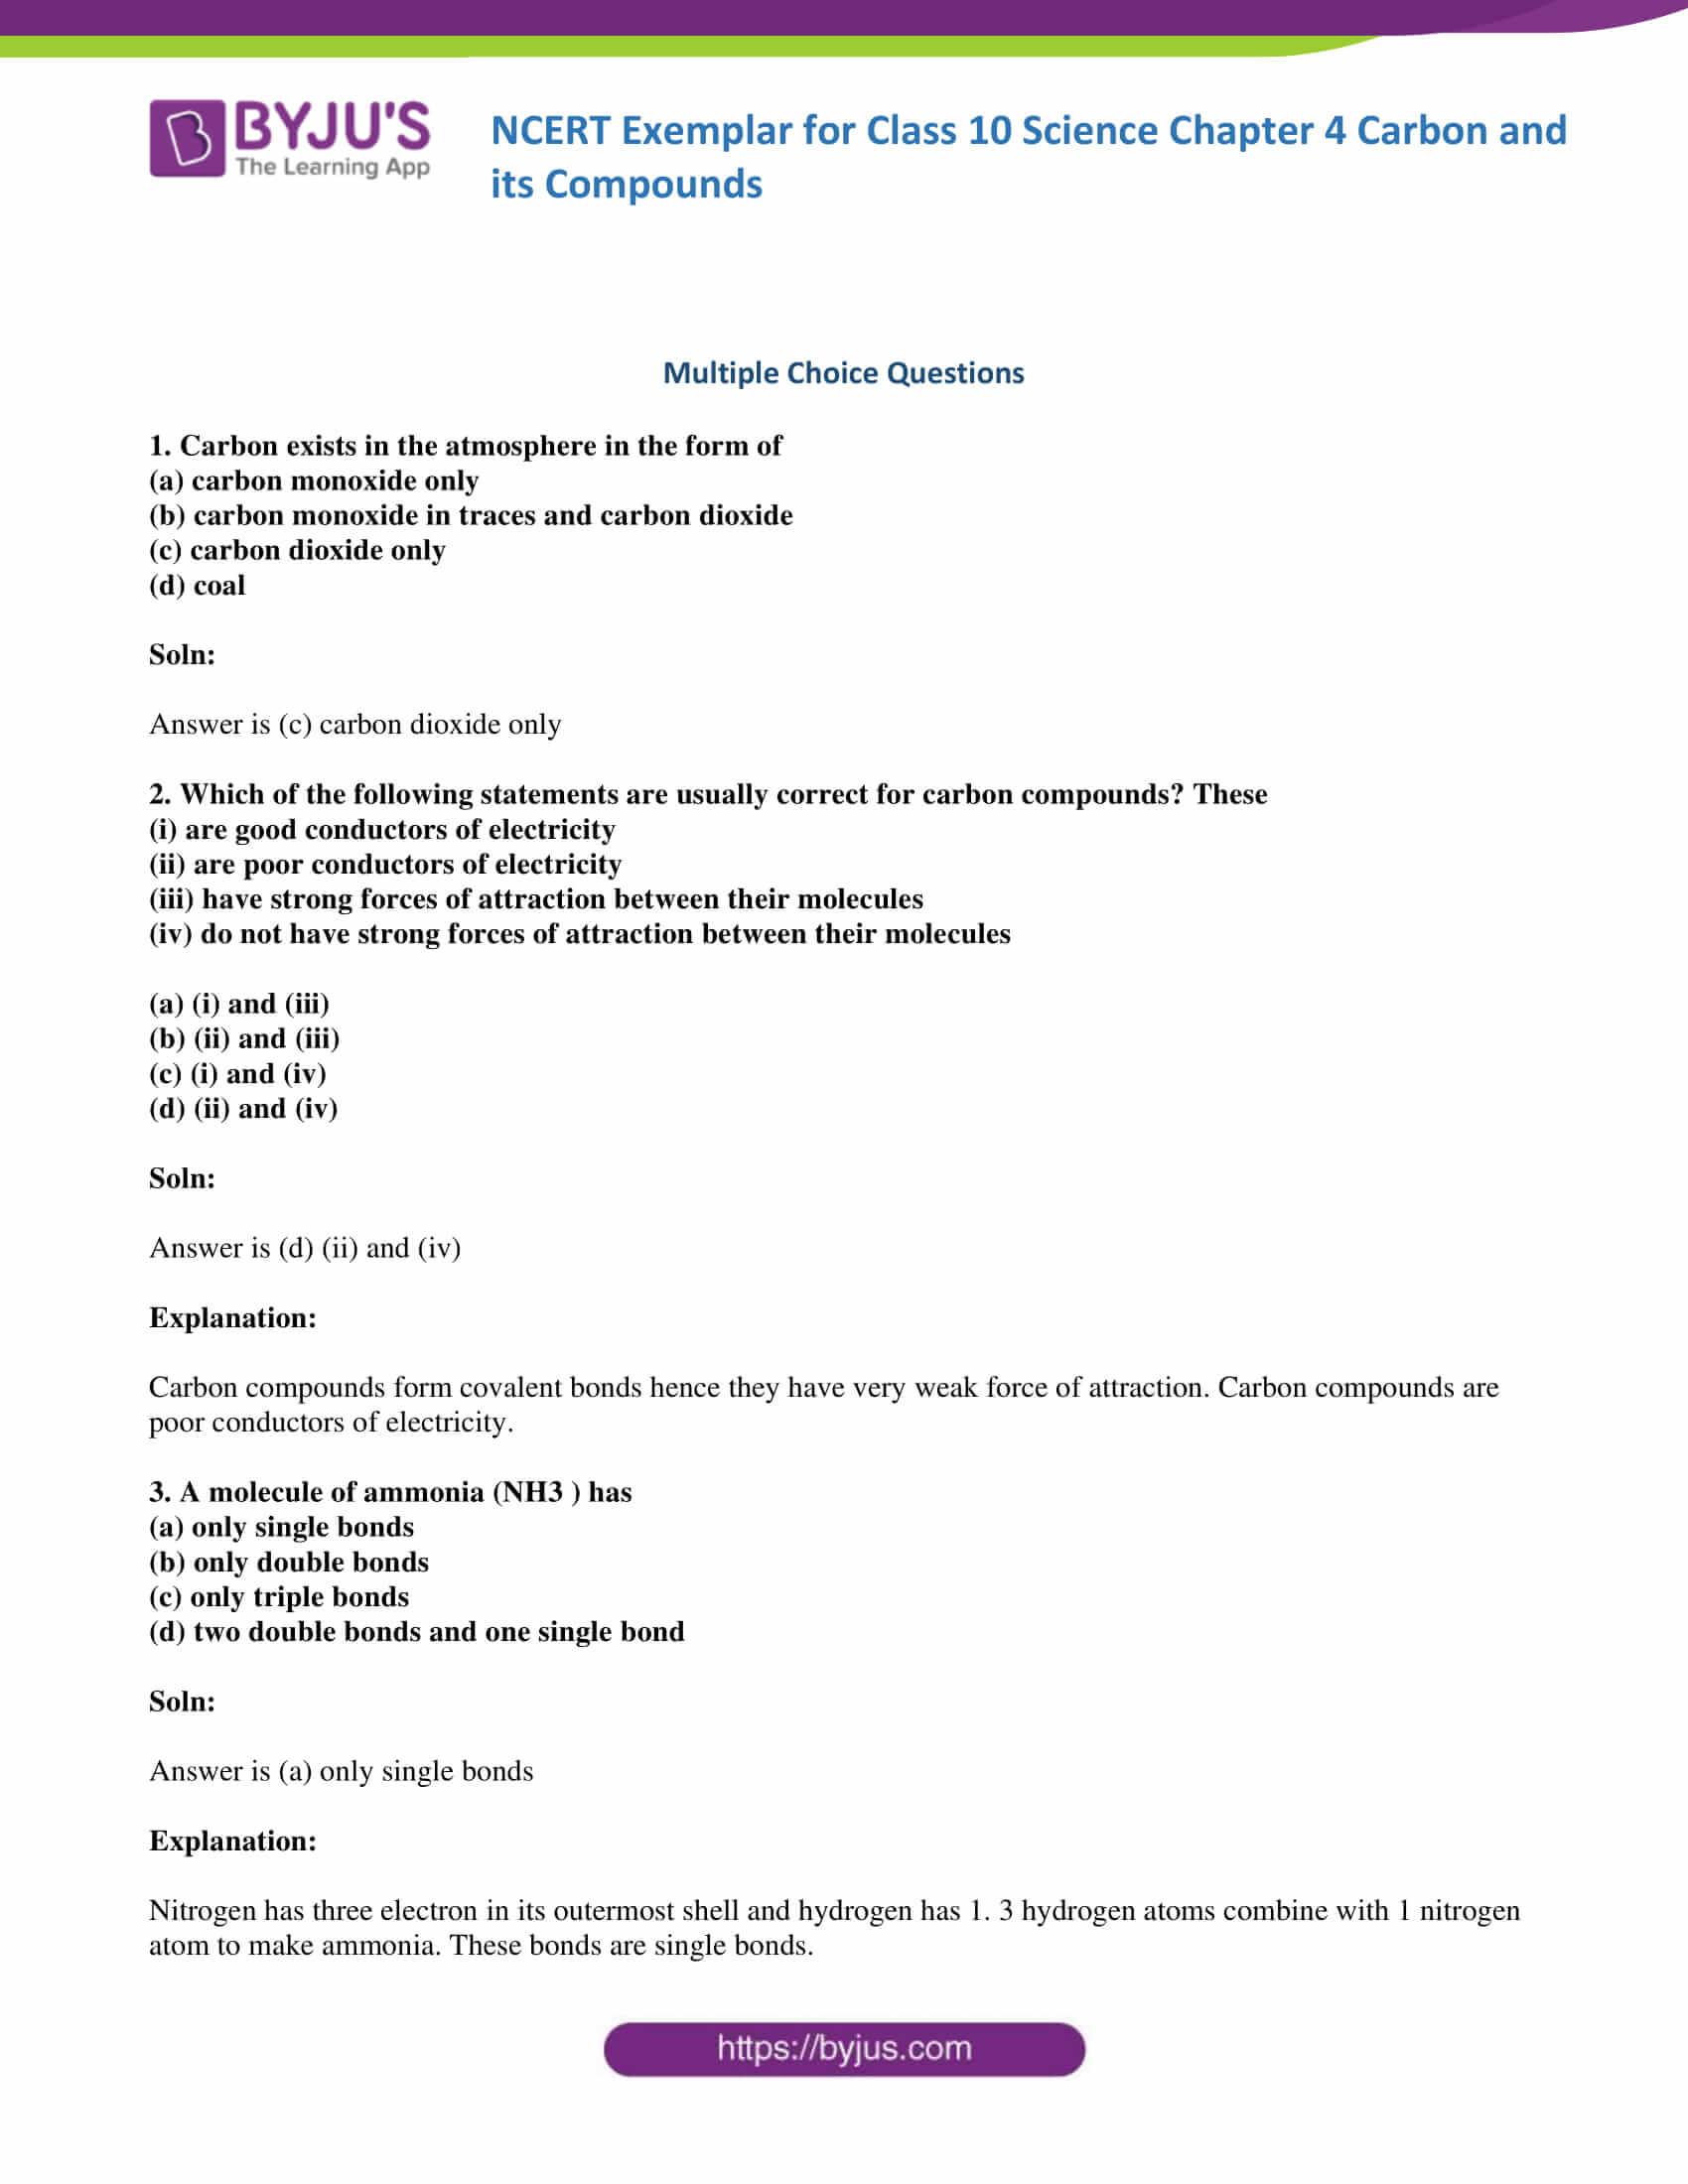 NCERT Exemplar solution class 10 Science Chapter 4 part 01